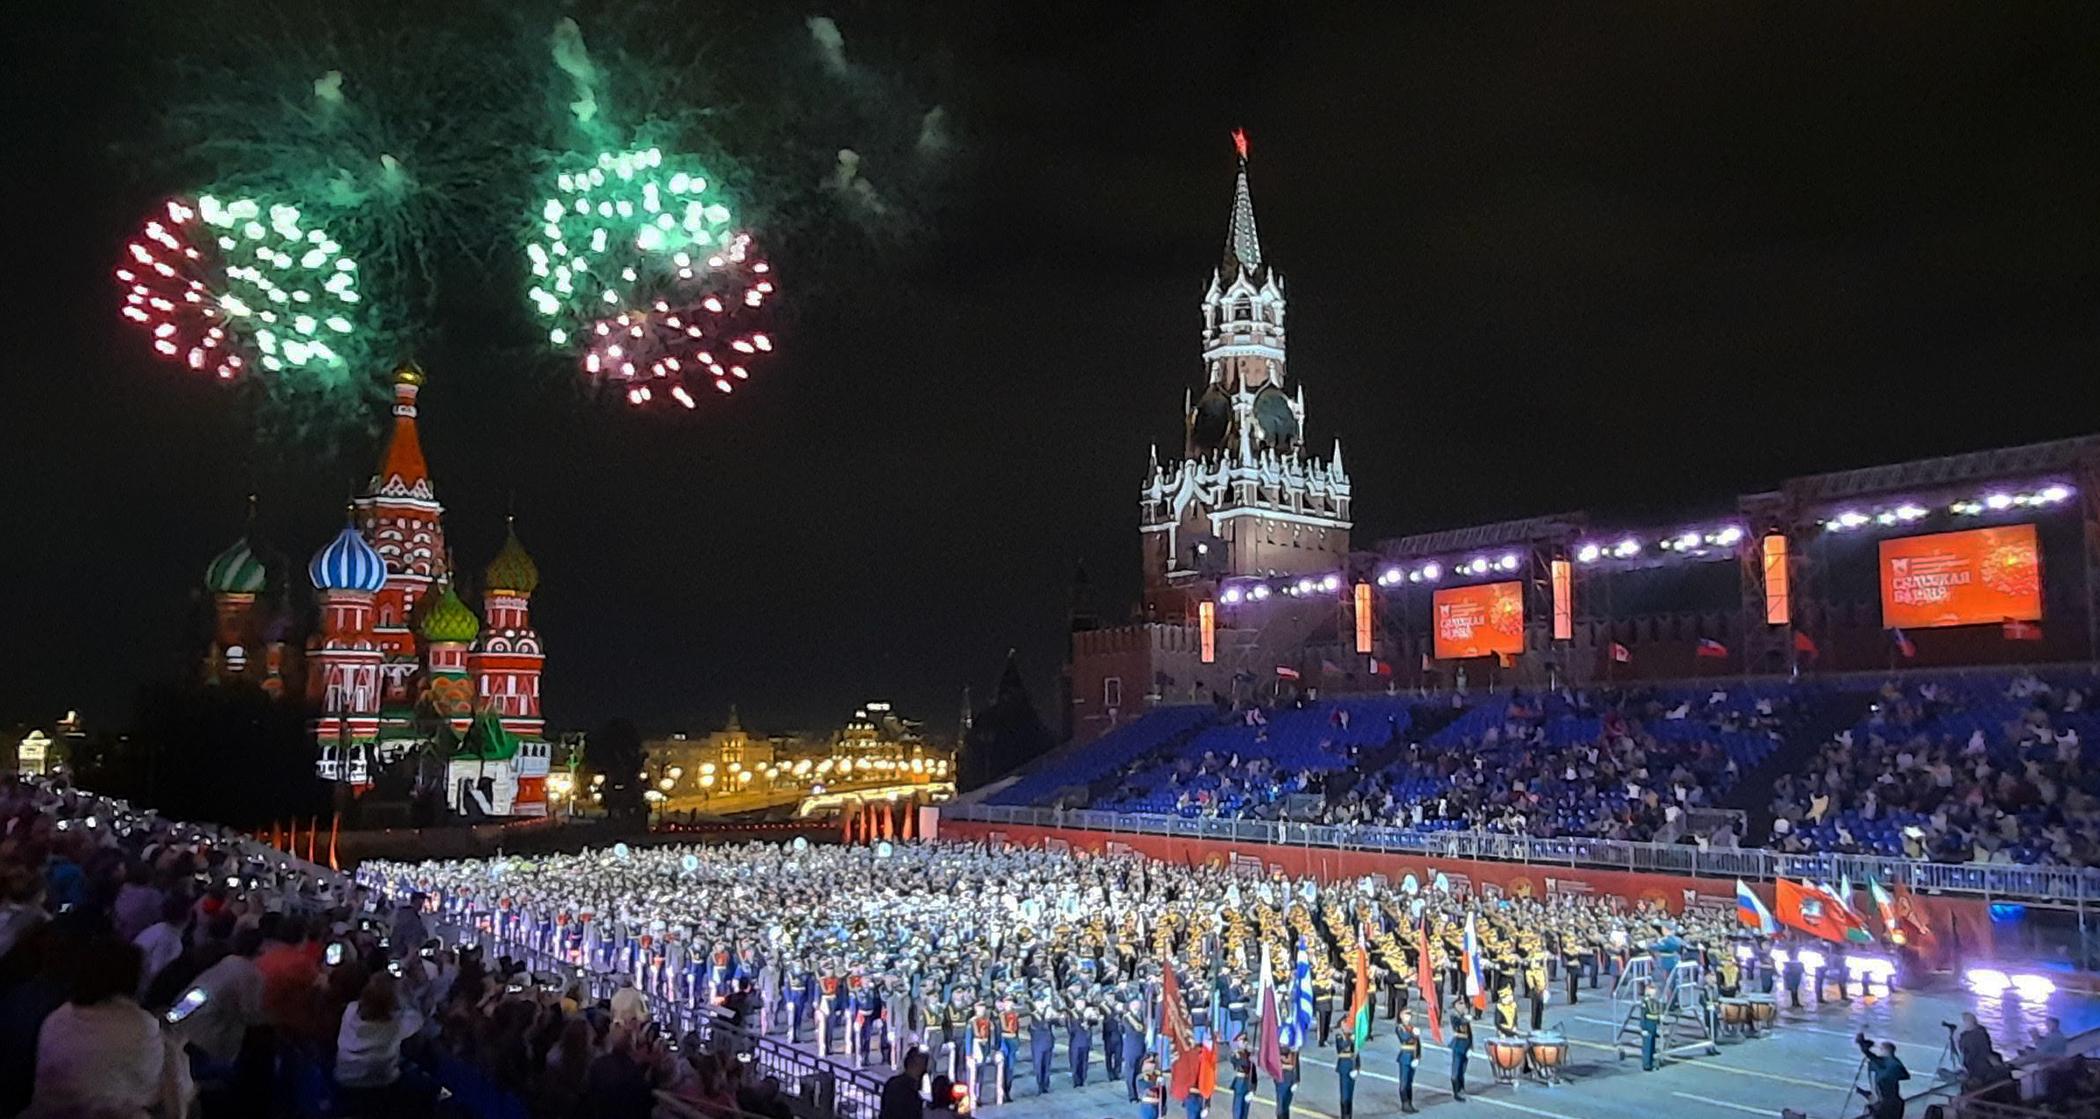 Fuegos artificiales durante el Festival Spasskaya Tower en la Plaza Roja